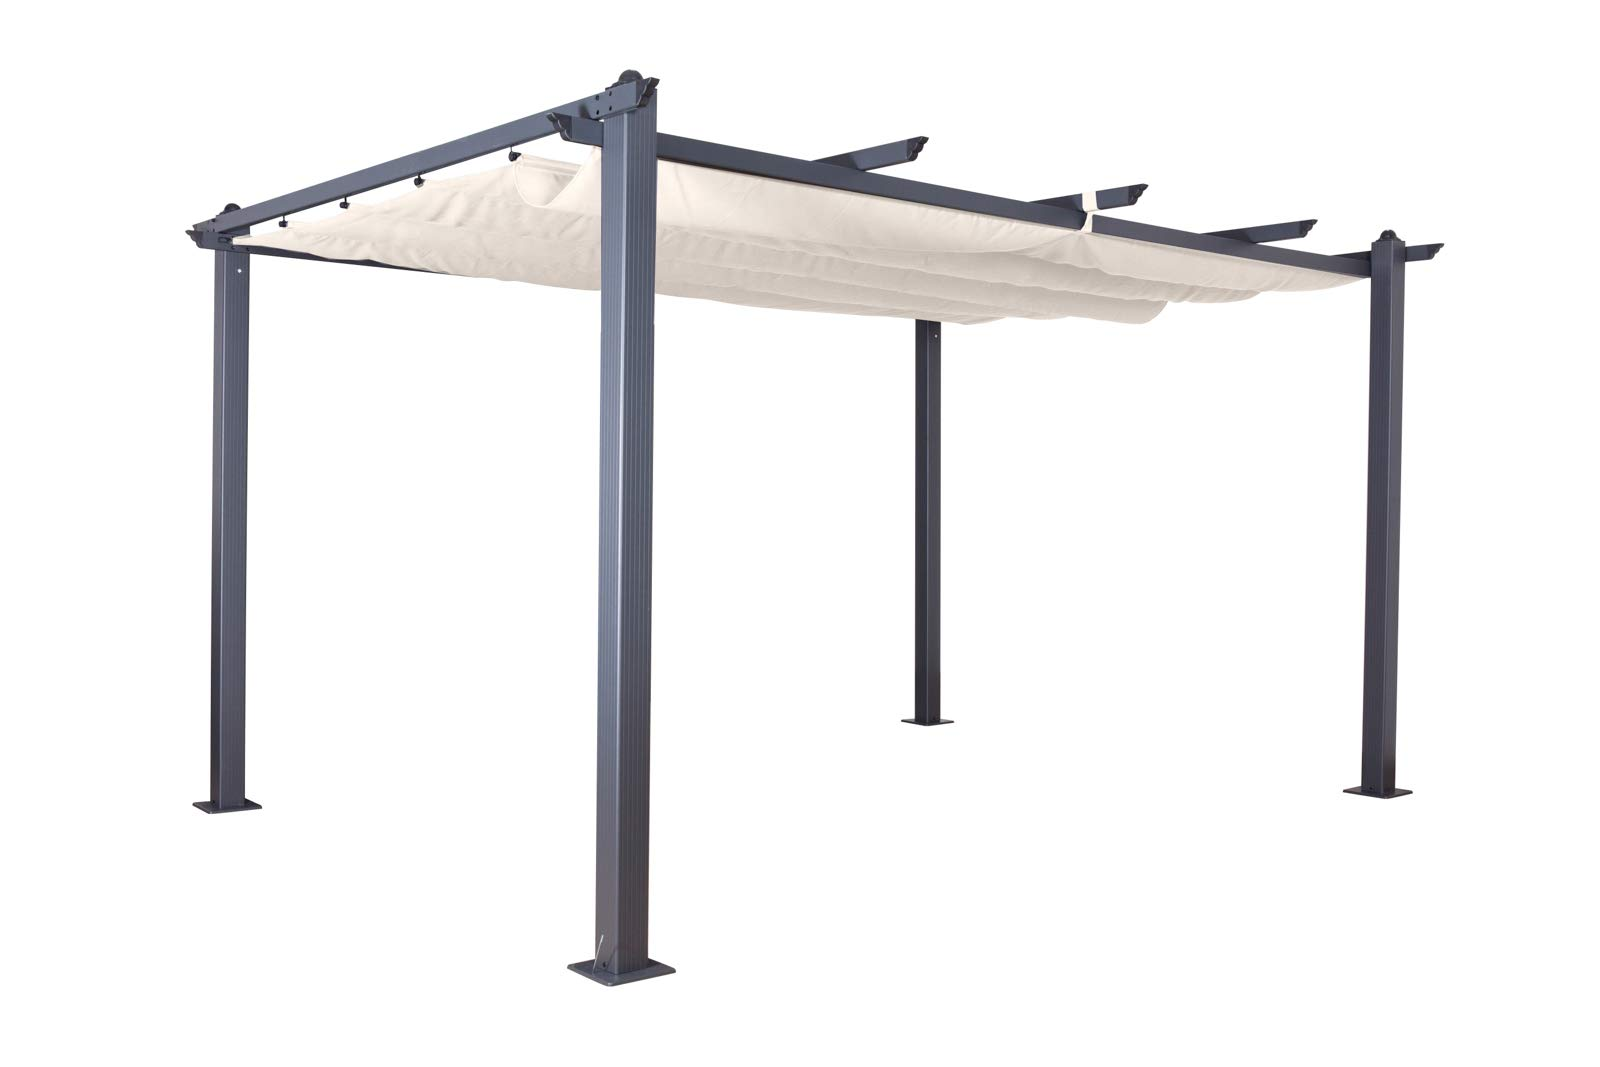 Full Size of überdachung Jet Line Pavillon Pergola Berdachung Luxor 4 3 M In Anthzrazit Wasserbrunnen Aufbewahrungsbox Bewässerung Pool Im Bauen Spaten Schaukel Wohnzimmer Garten überdachung